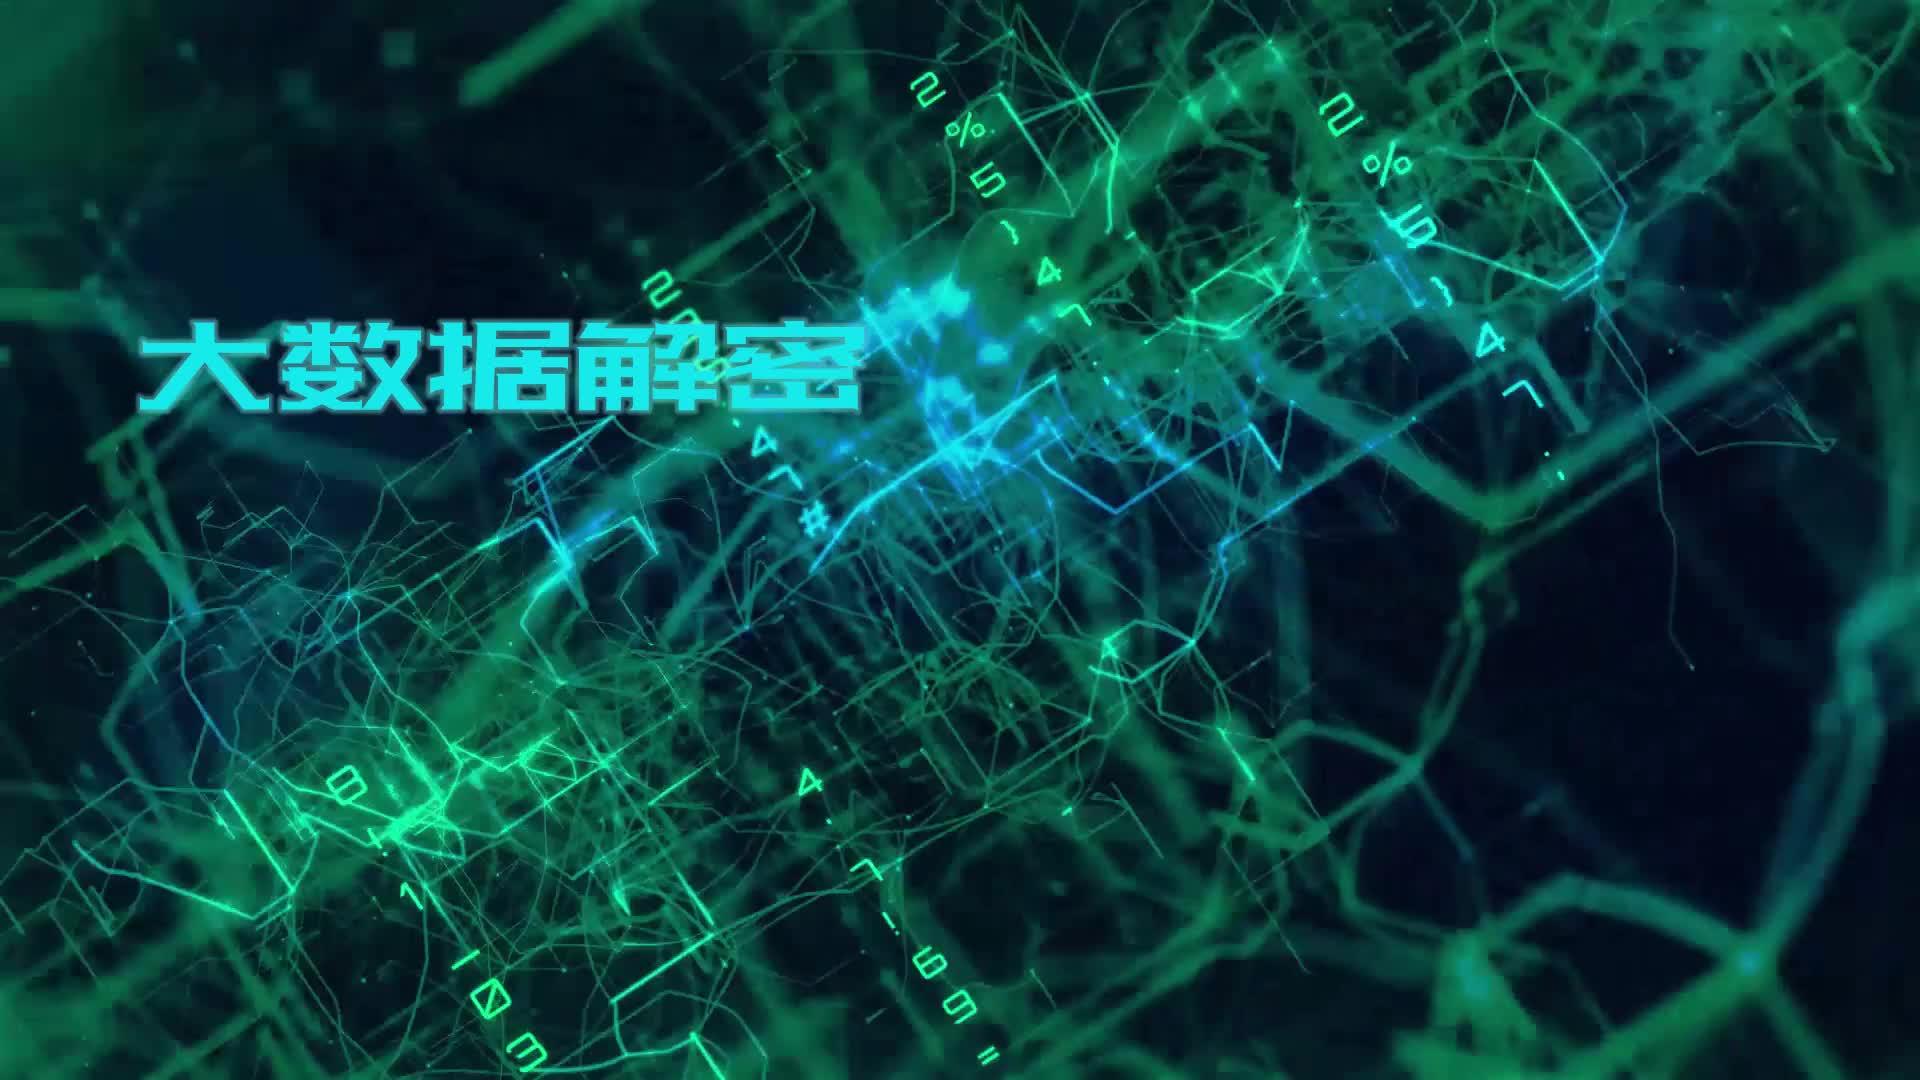 60秒大数据解密,中国SUV前十车型5年排名变化,自主与合资博弈